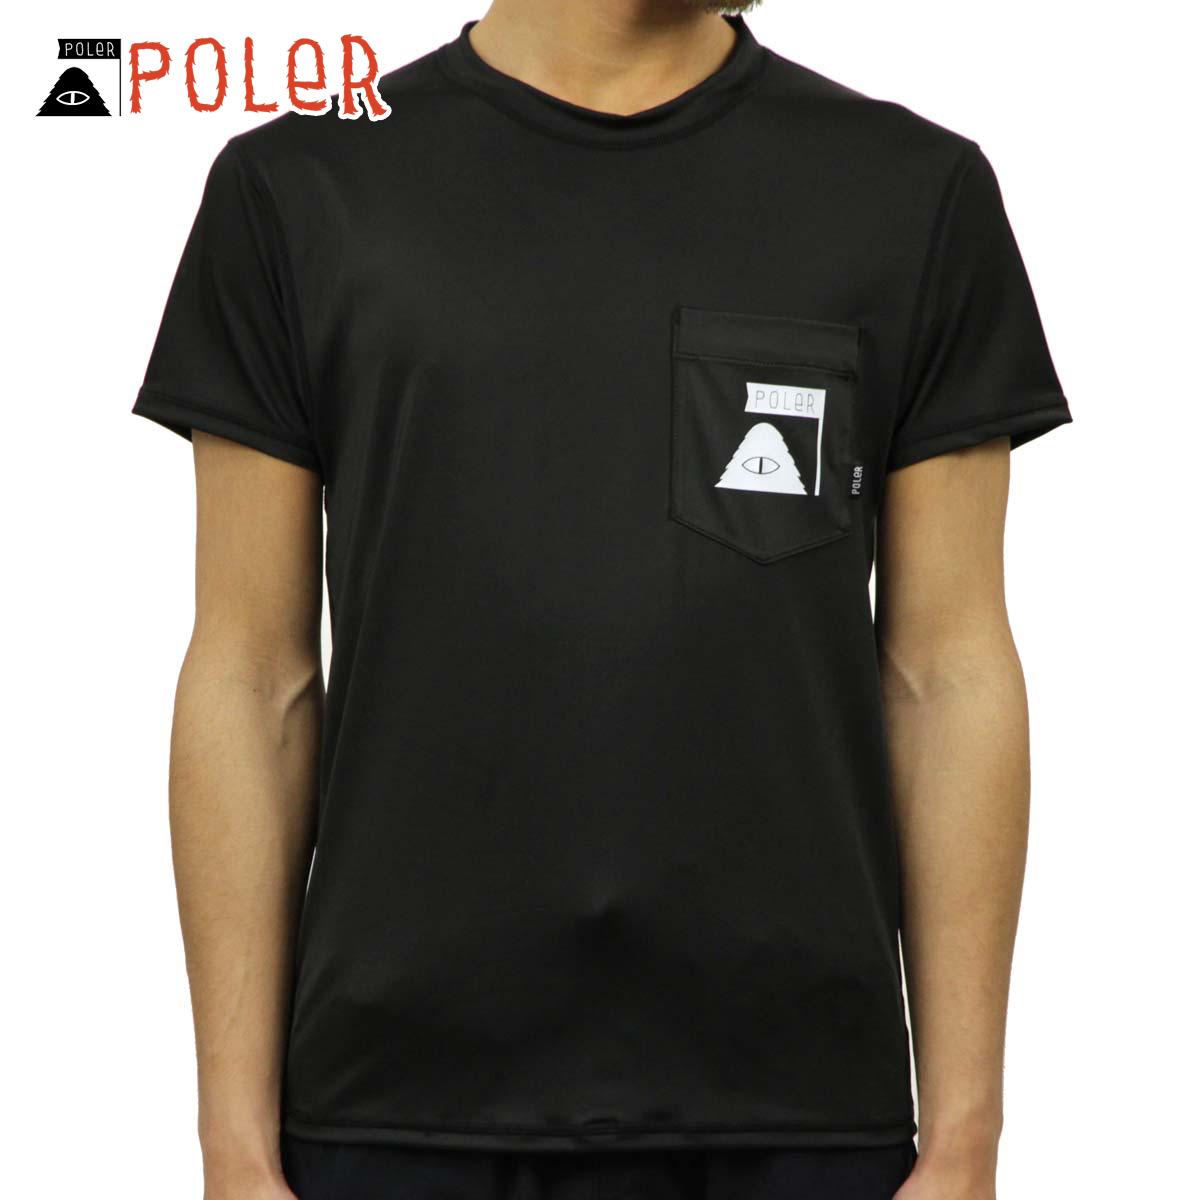 【ポイント10倍 12/4 20:00~12/11 01:59まで】 ポーラー POLER 正規販売店 メンズ 半袖 ラッシュガード Tシャツ SUMMIT RUSH GUARD S/S TEE BLACK